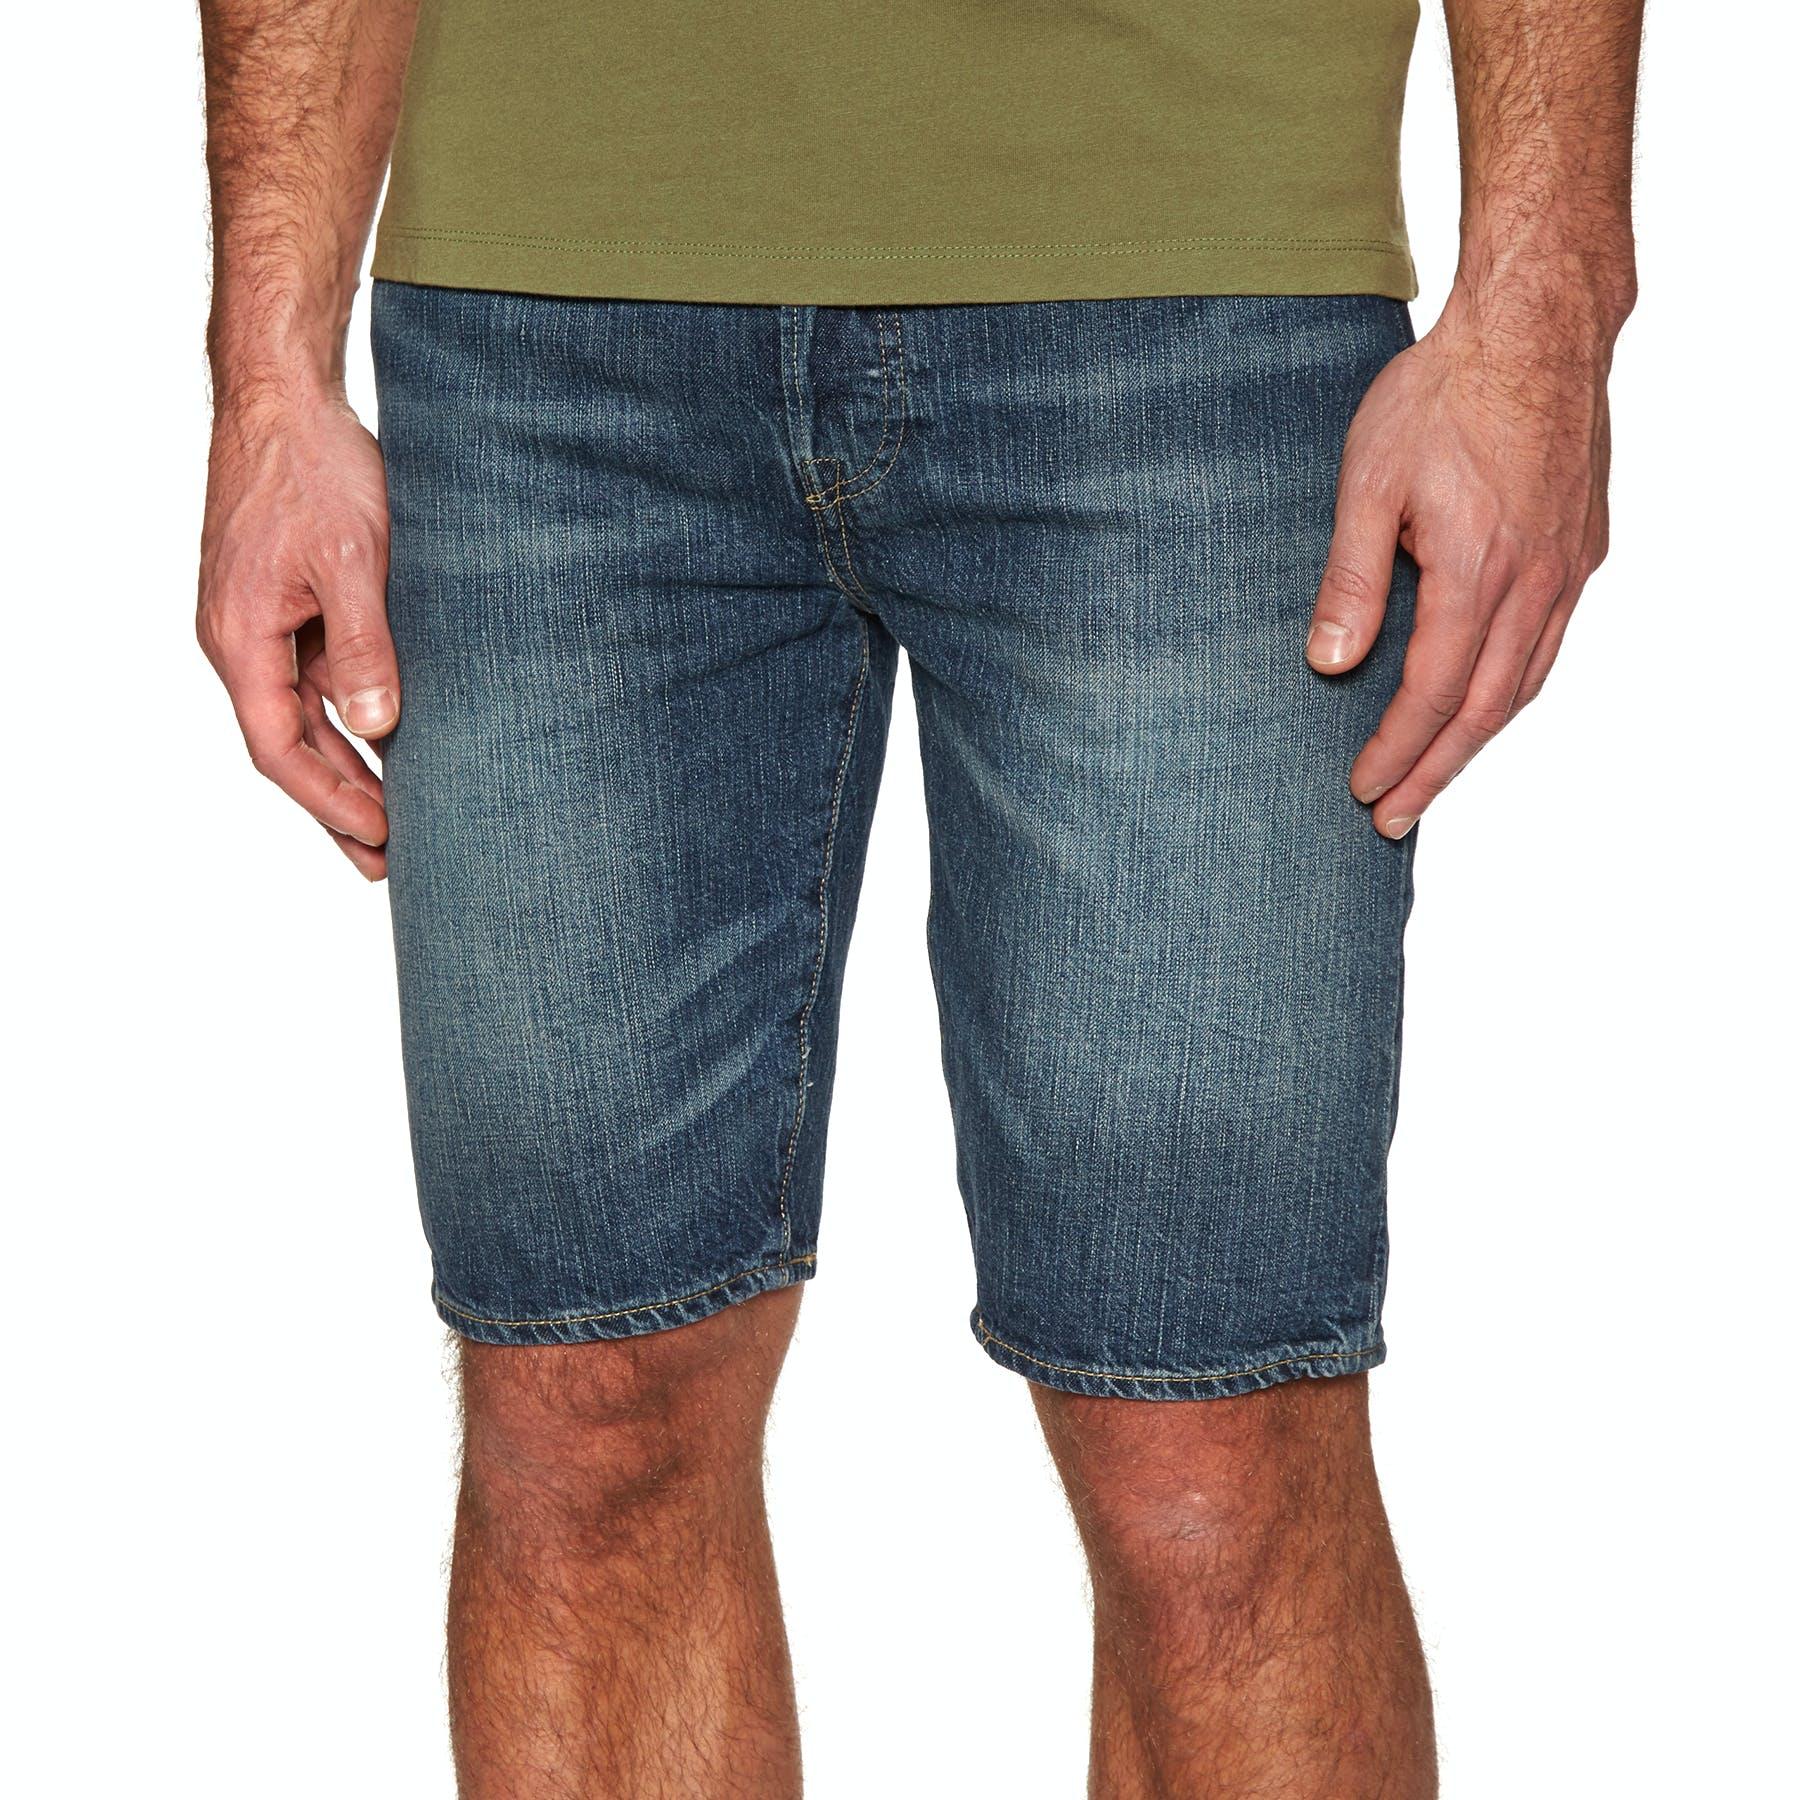 Levis 501 Hemmed Walk Shorts